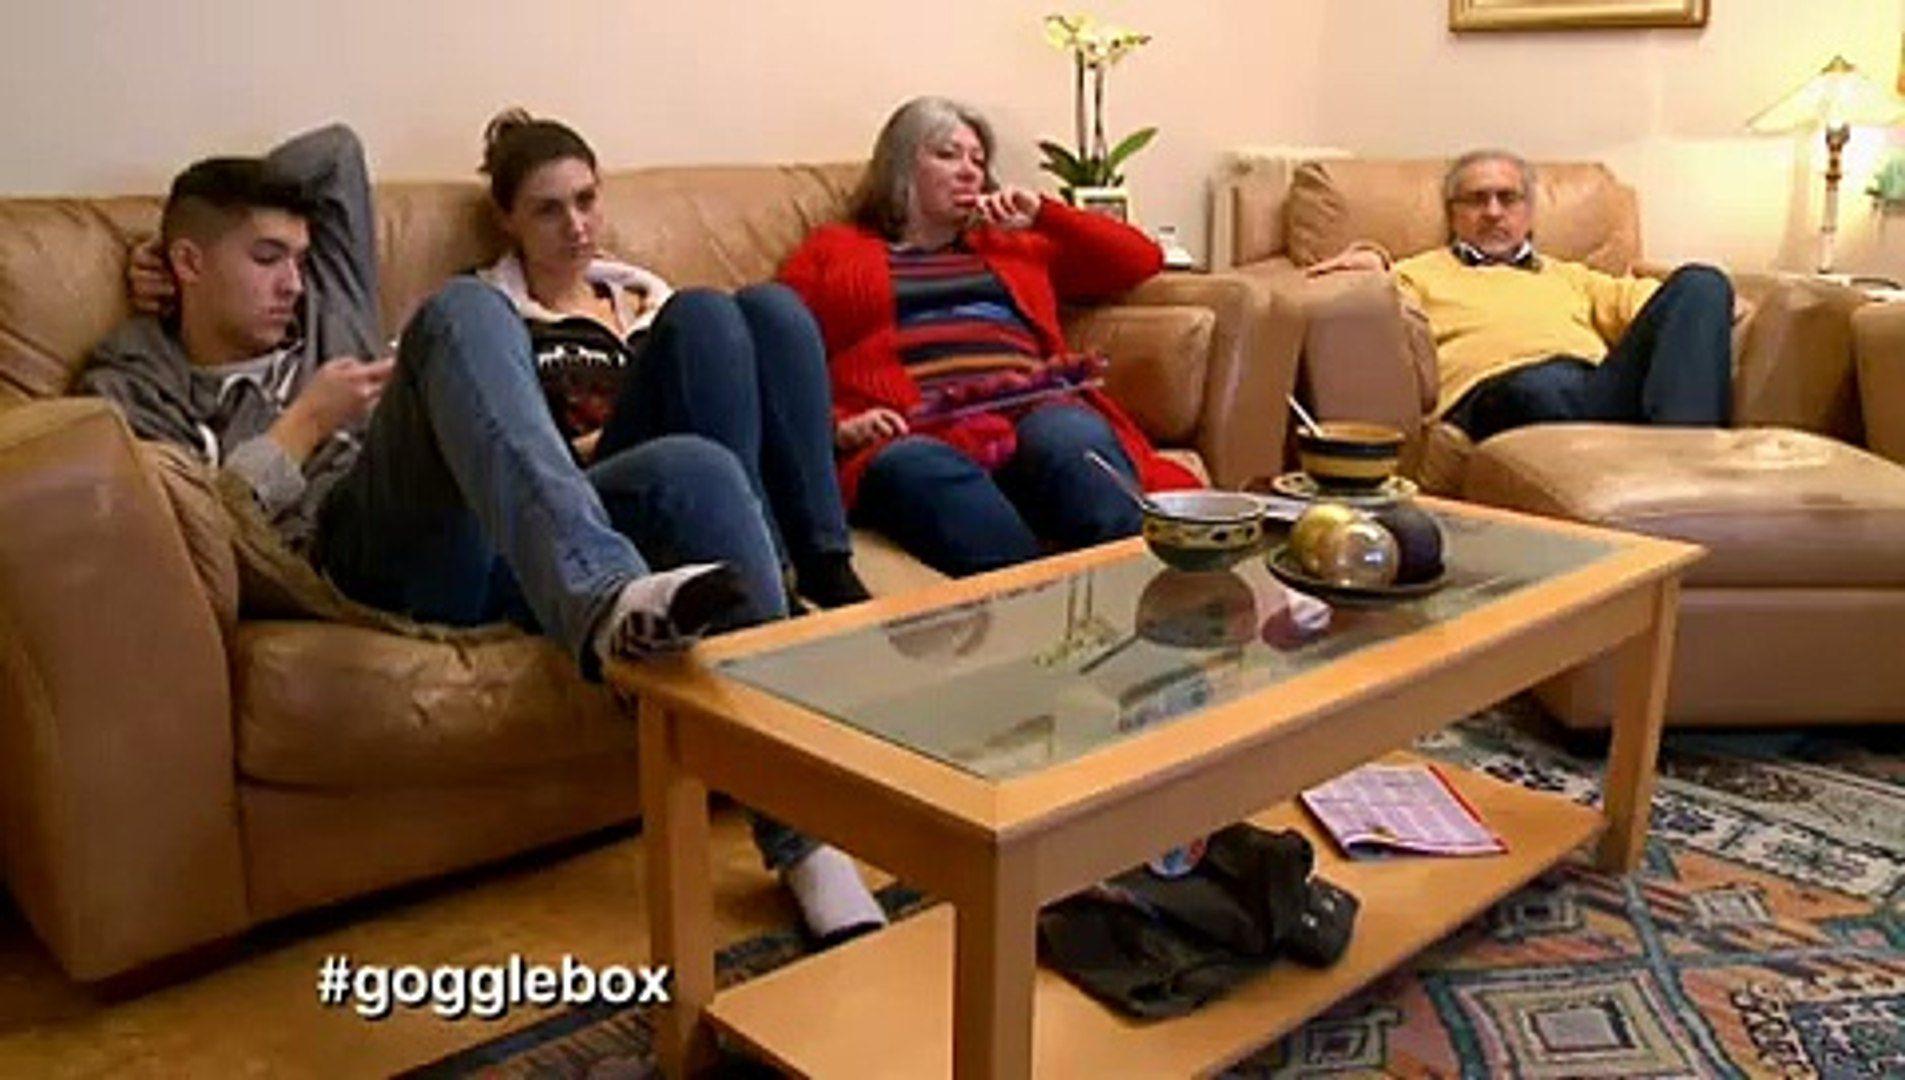 Gogglebox Season 18 Episode 1